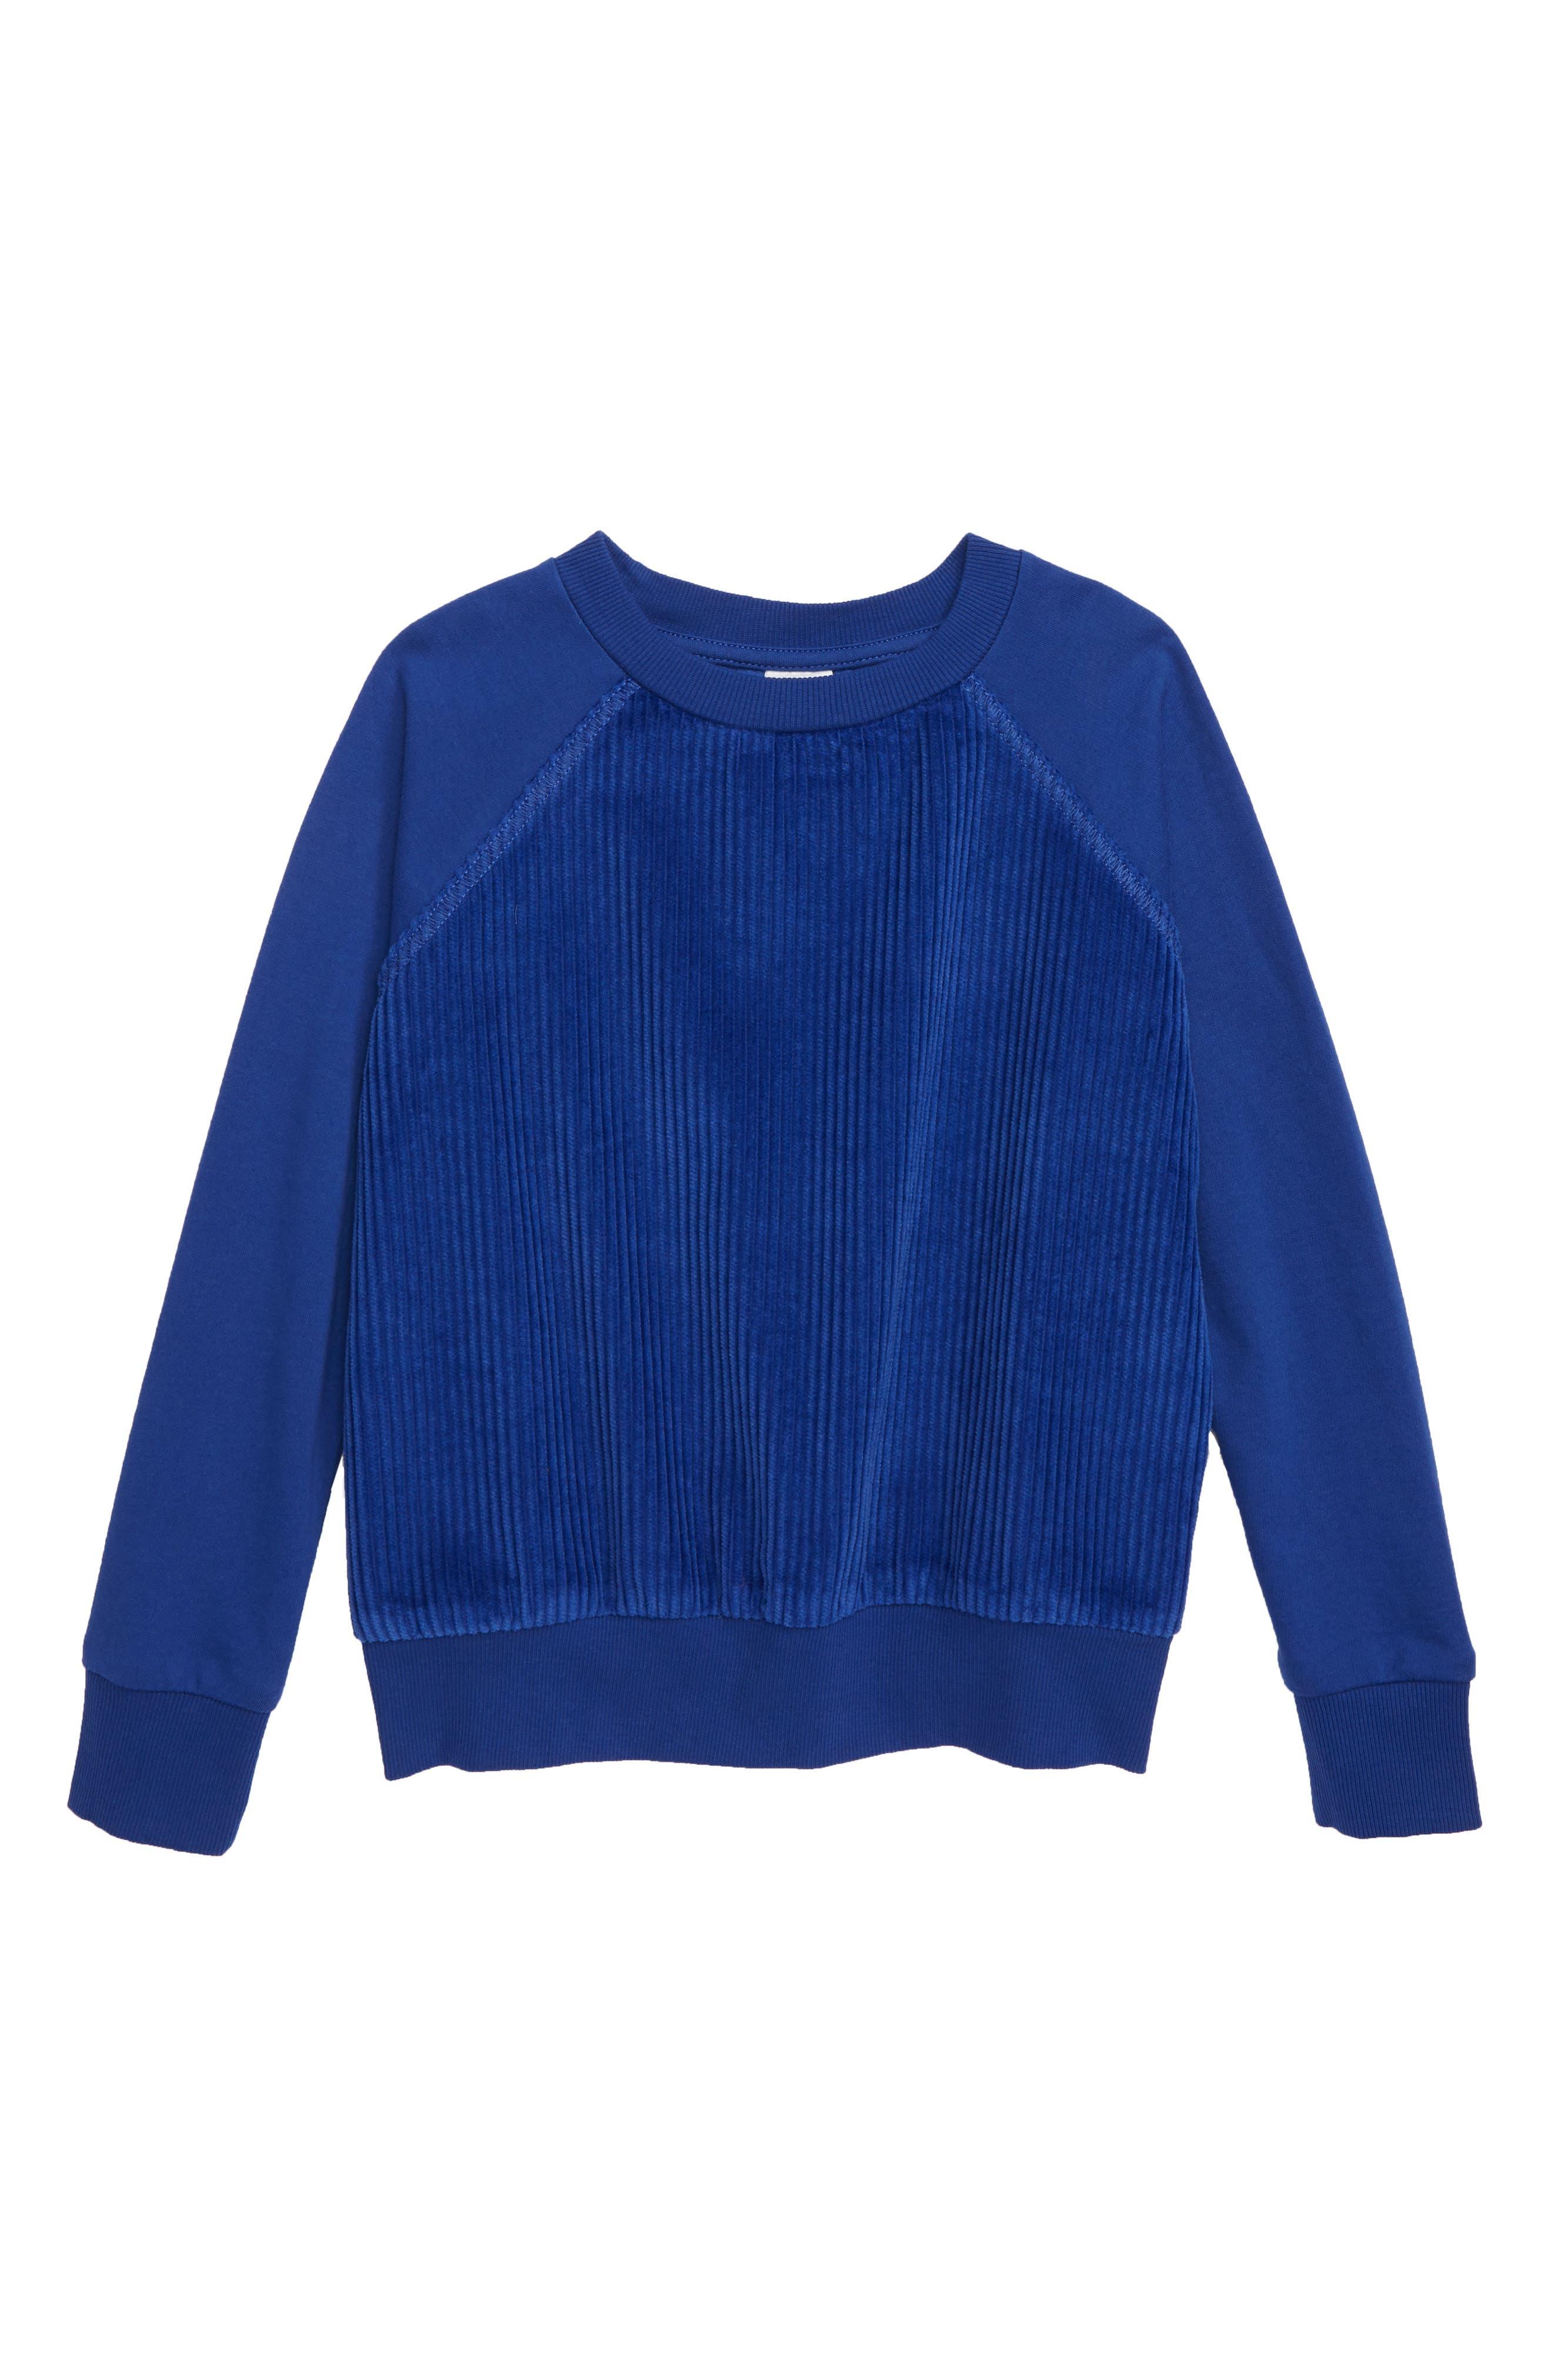 Corduroy Sweatshirt, Main, color, 401